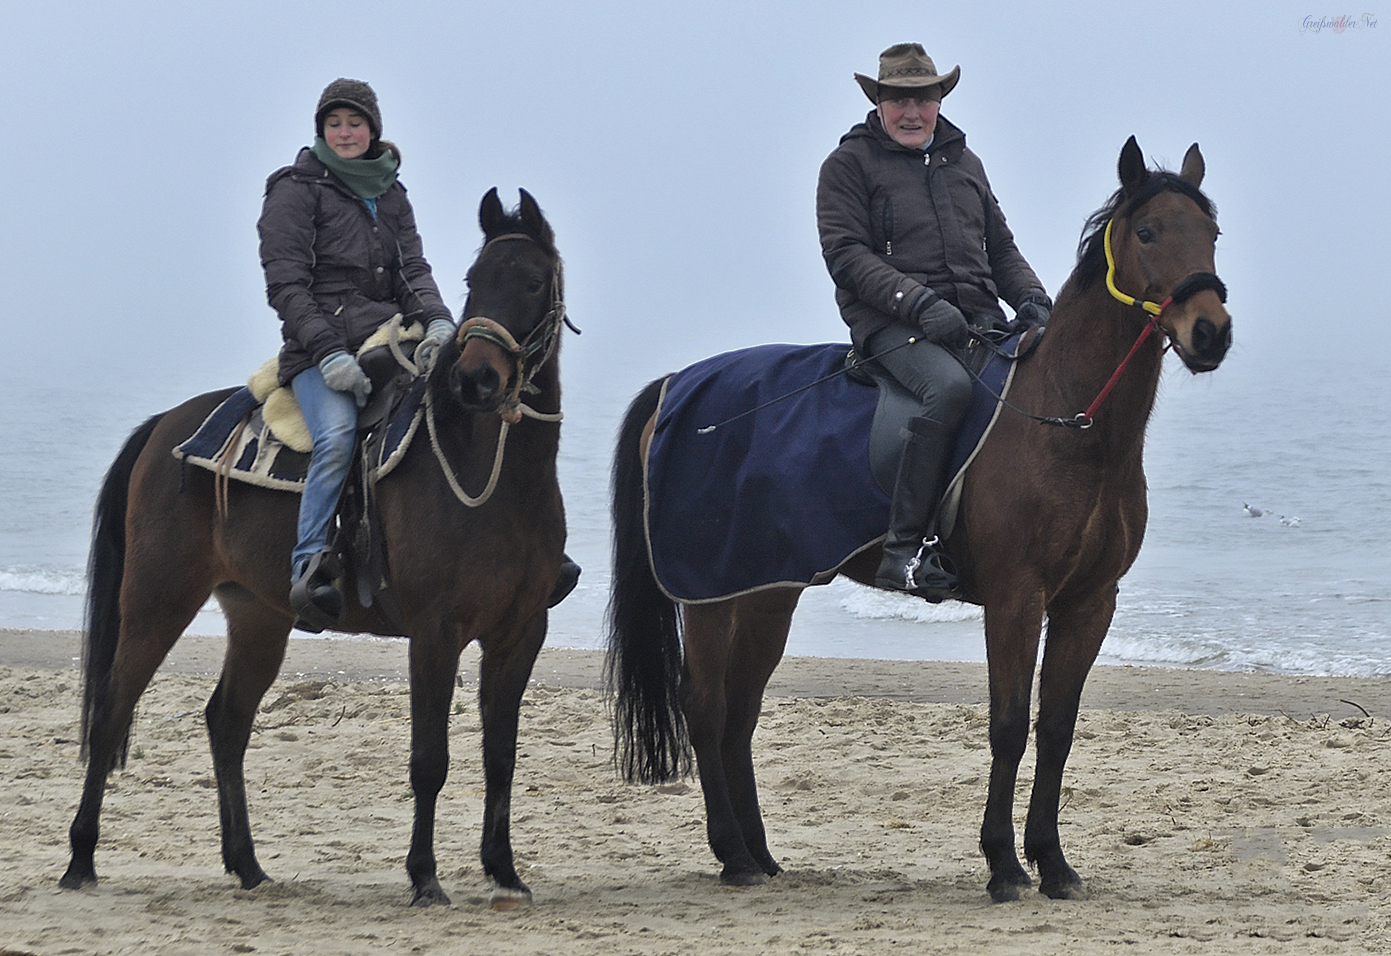 Reiter am Strand der Ostsee